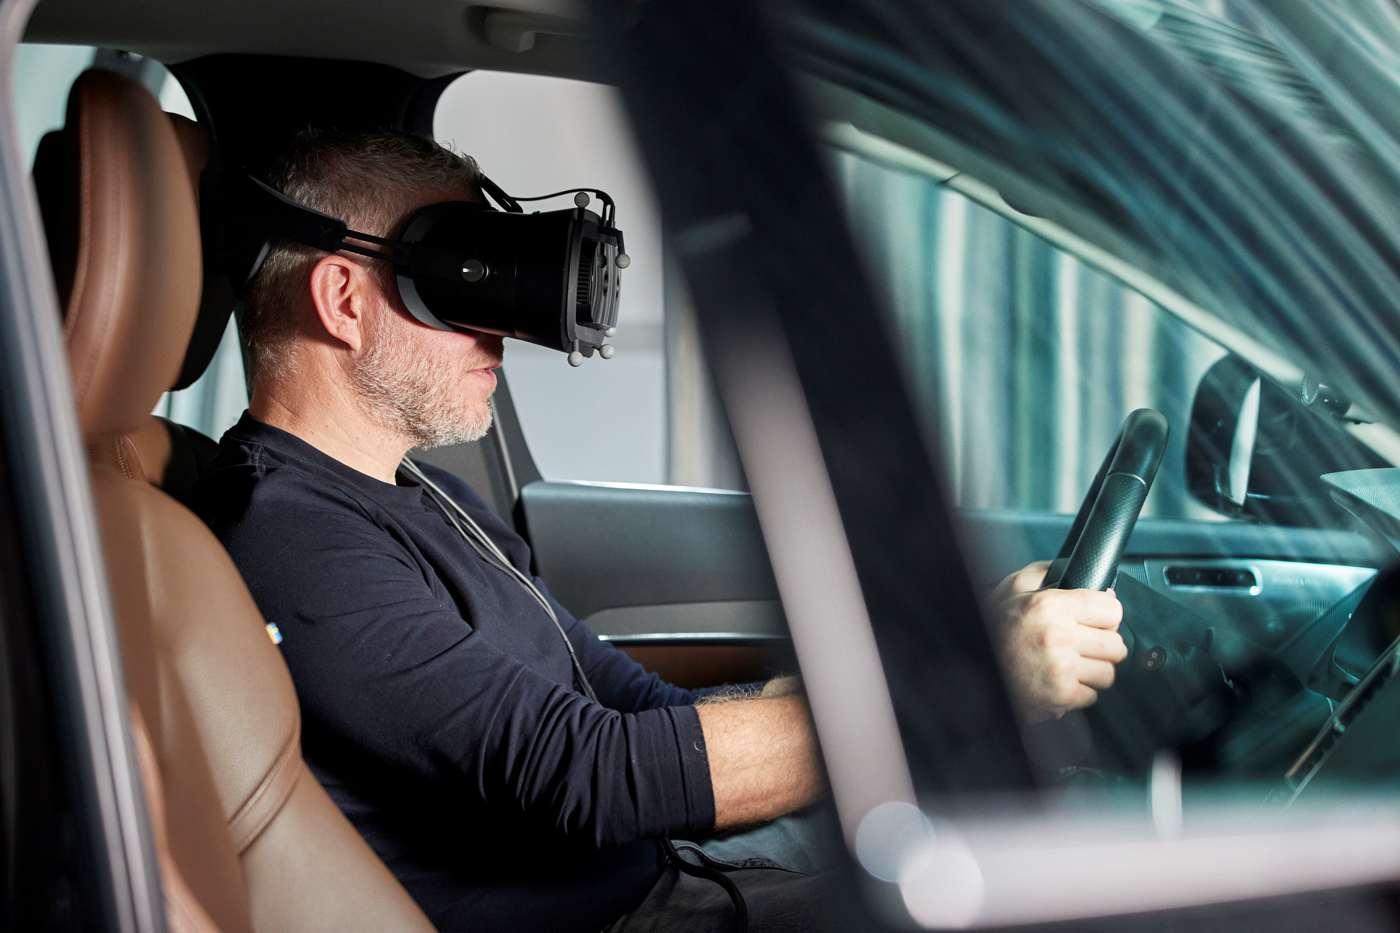 """Für weitere Fortschritte in der automobilen Sicherheit setzt Volvo Cars auf den """"ultimativen Fahrsimulator"""": Mit einem Mixed-Reality-Simulator lässt der schwedische Premium-Automobilhersteller die virtuelle und reale Welt miteinander verschmelzen. Damit werden die Entwicklungen für Sicherheit und autonomes Fahren weiter vorangetrieben und beschleunigt."""